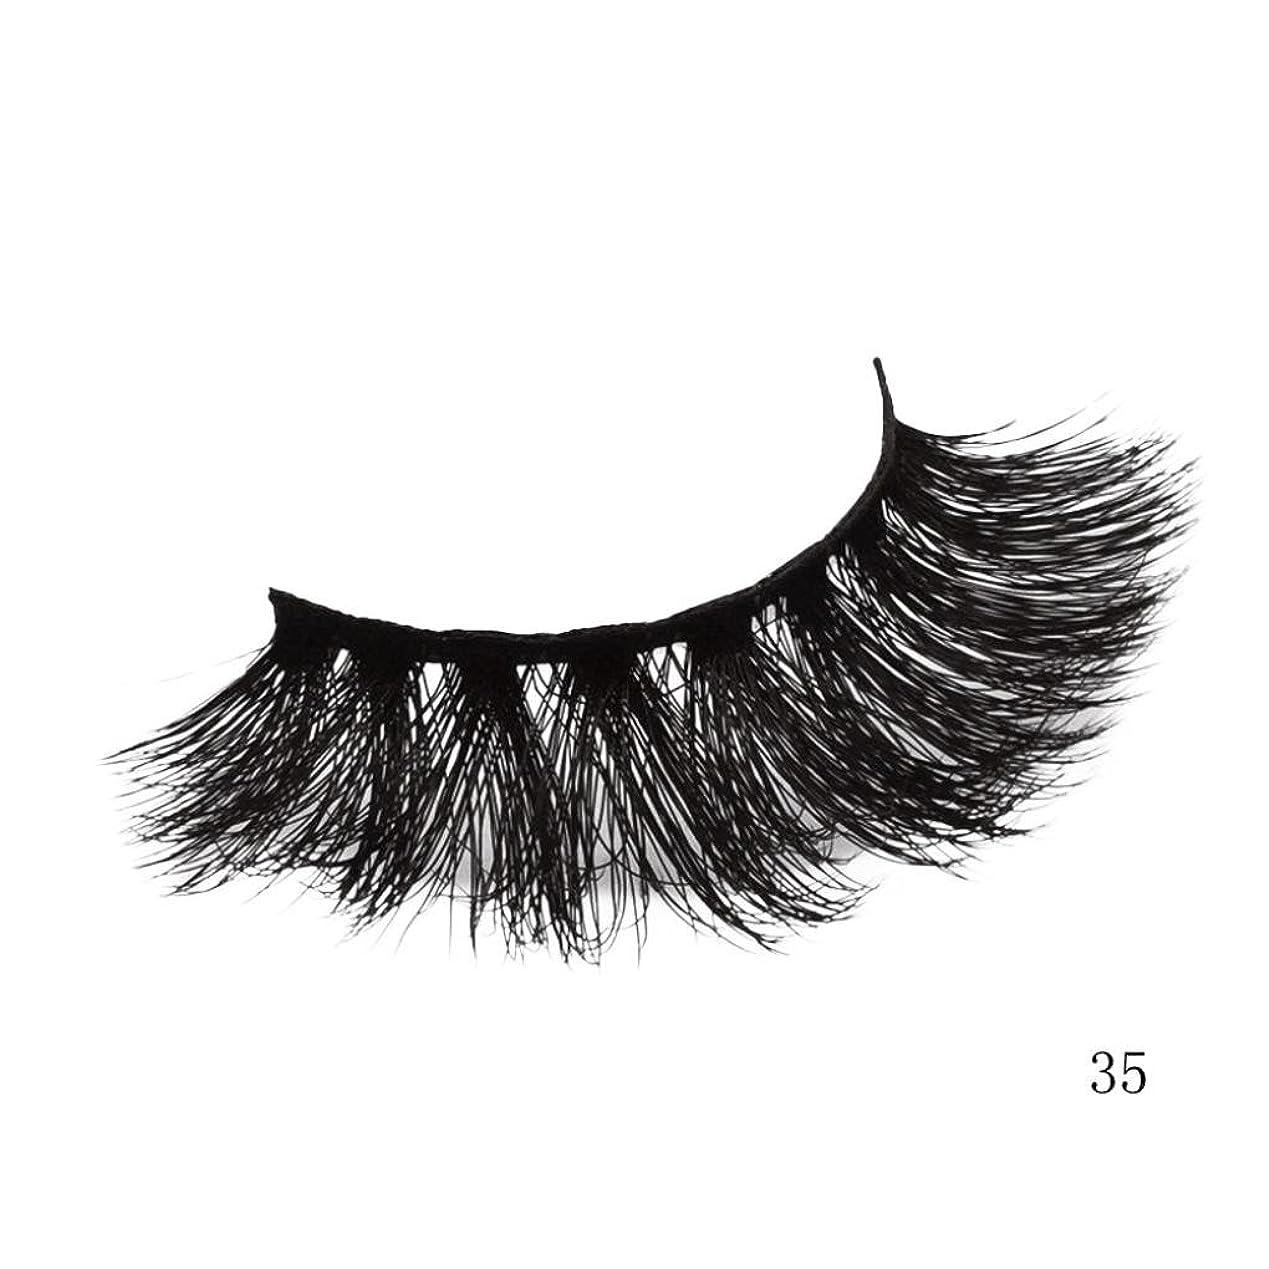 気をつけて囲む刑務所Feteso 1ペア つけまつげ 上まつげ Eyelashes アイラッシュ まつげエクステ レディース 化粧ツール アイメイクアップ 人気 ナチュラル ふんわり 装着簡単 魅力的